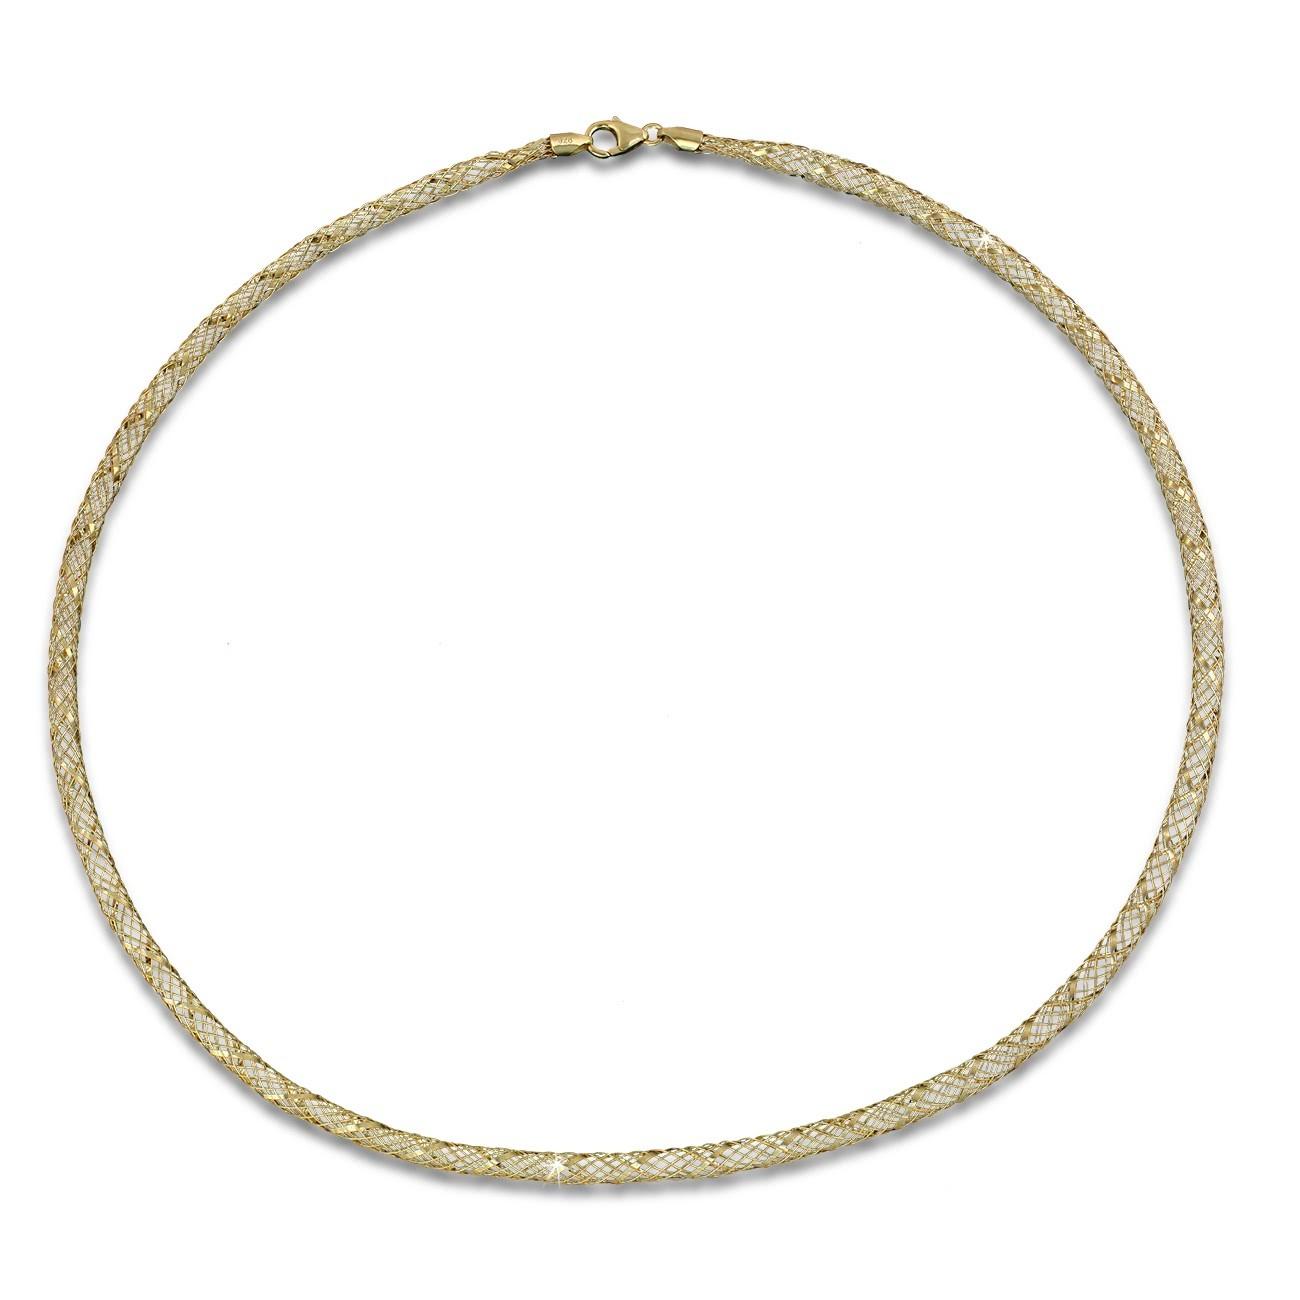 SilberDream Collier Kette Gitter vergoldet 925 Silber Damen 50cm SDK2195Y